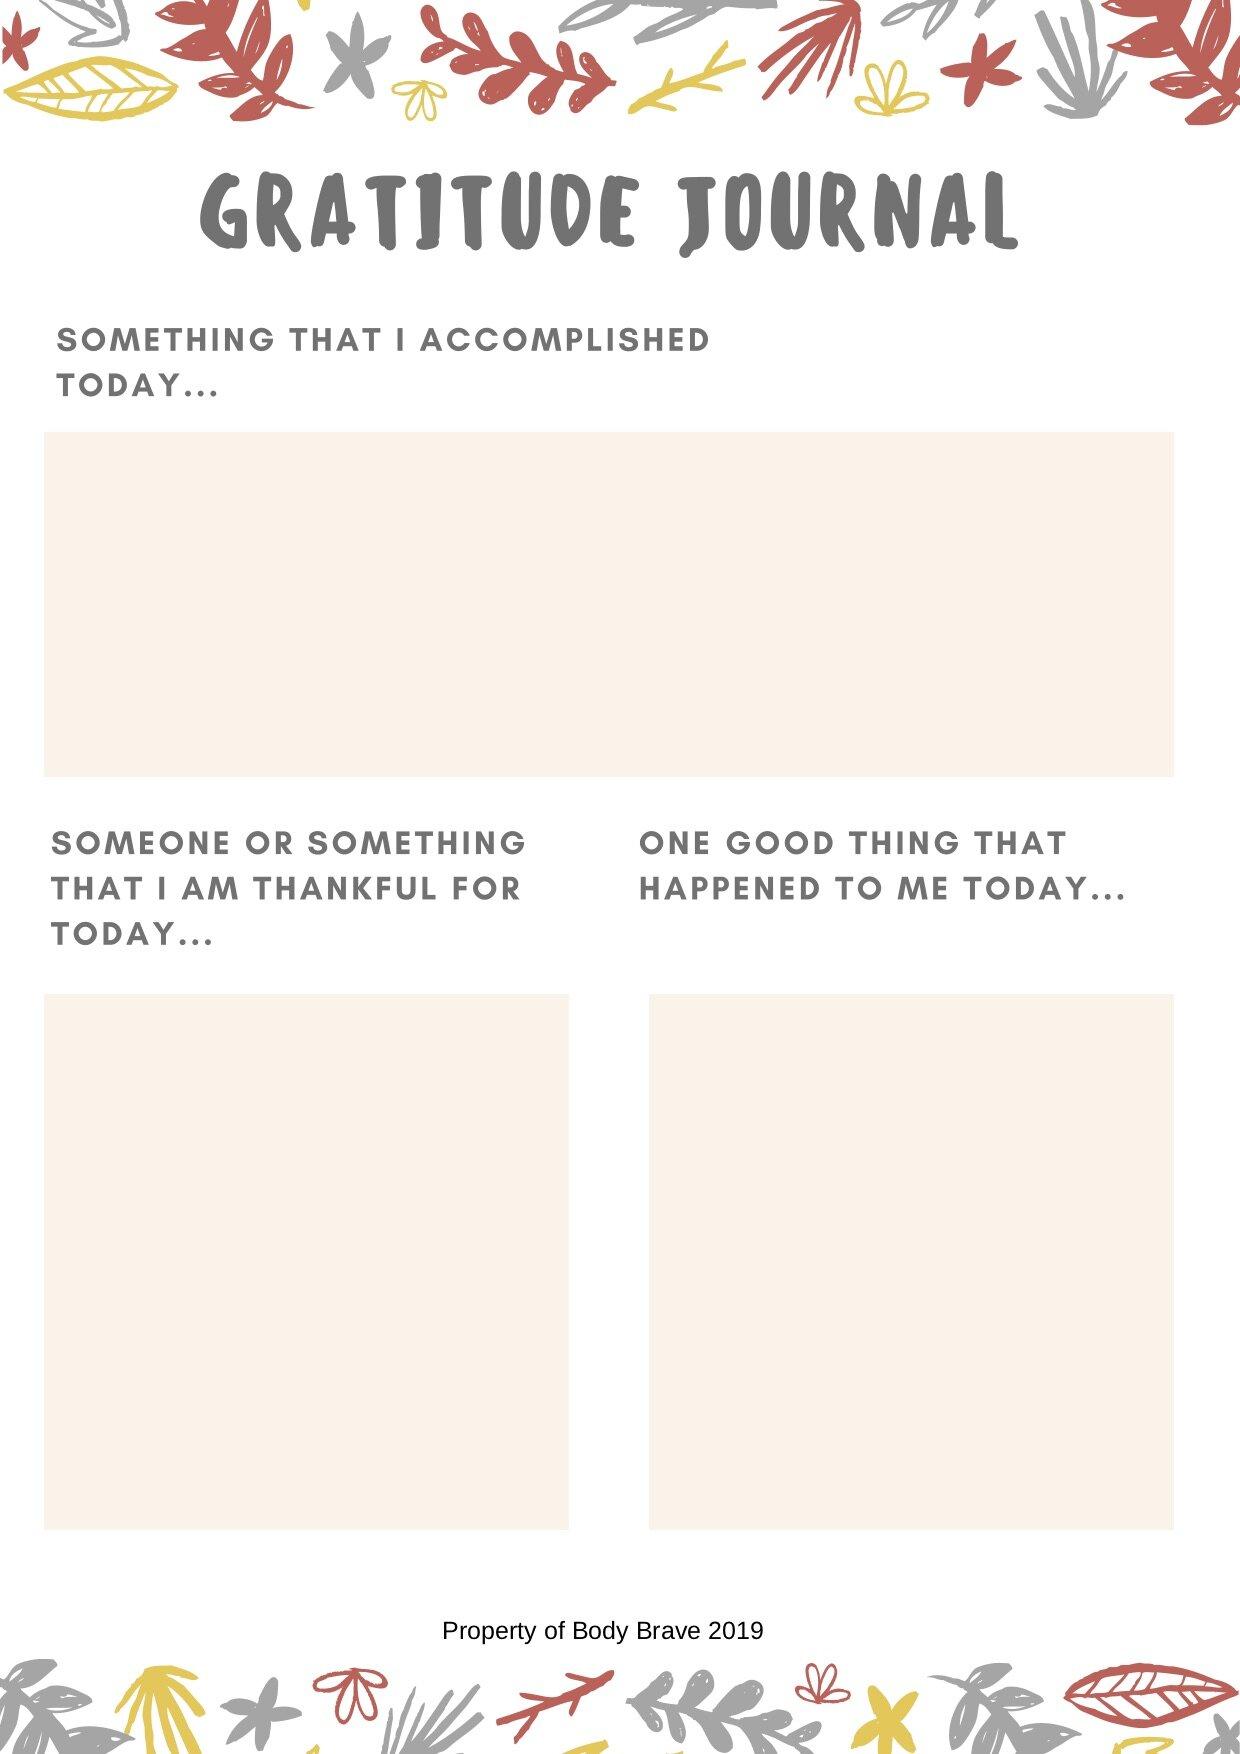 Gratitude Journal 2019.jpg